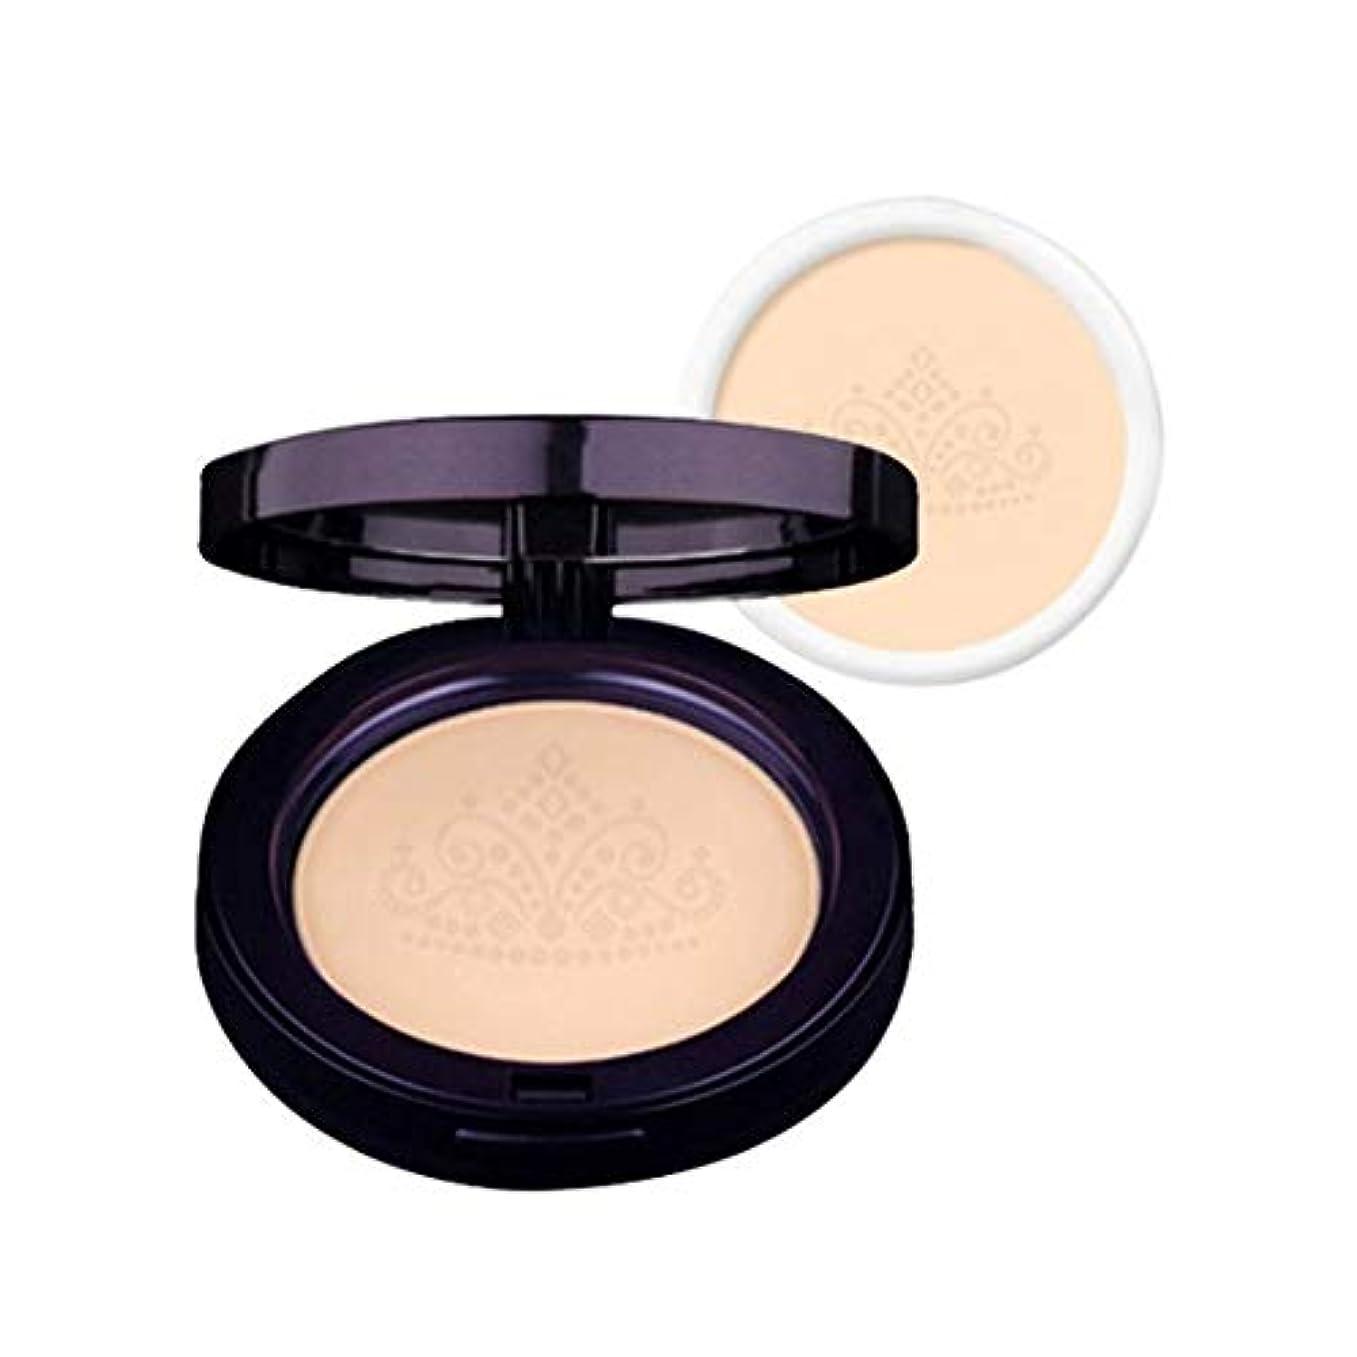 損傷記念品証人ラクベルクイーンズファクト本品+リピルセット2カラー韓国コスメ、Lacvert Queen's Pact+ Refill Set 2 Colors Korean Cosmetics [並行輸入品] (No. 21)